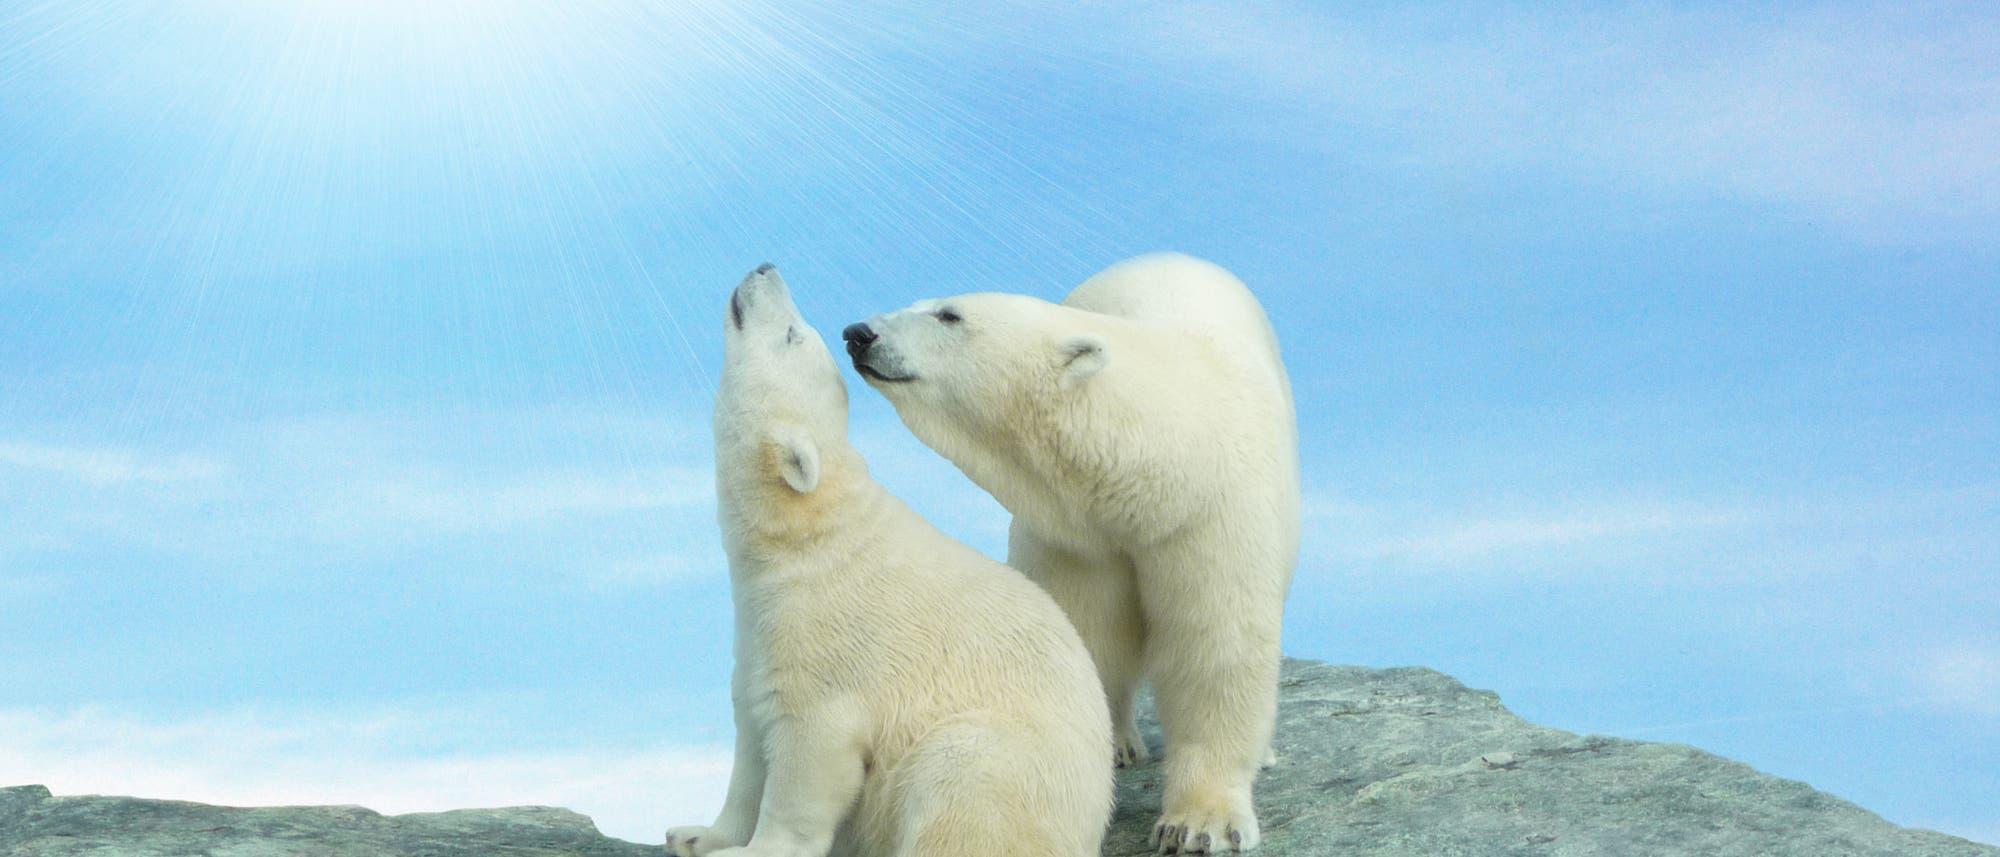 Zwei Eisbären sitzen auf Felsen und sonnen sich